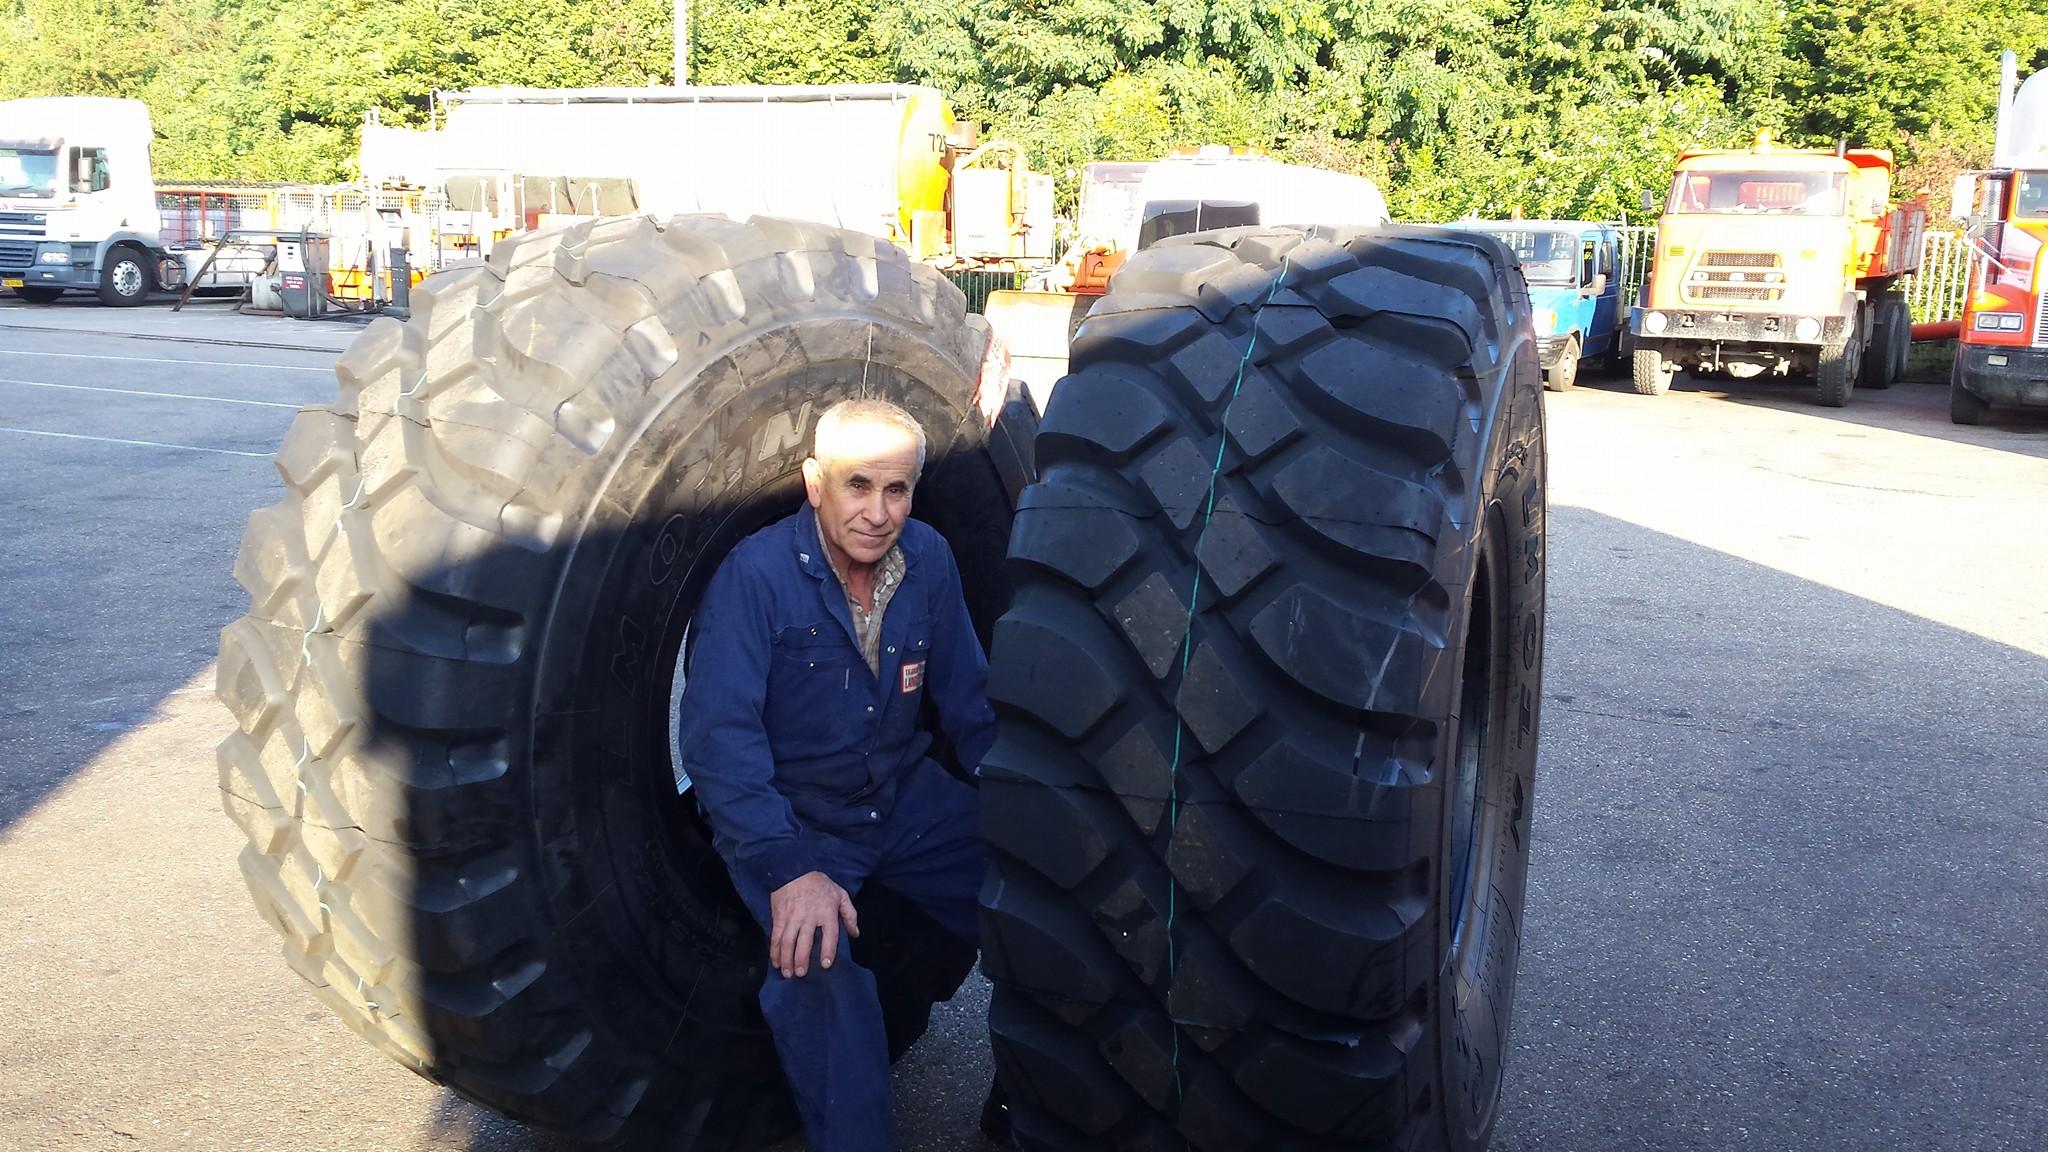 Mehmet-Kon-de-banden-specialist-die-het-hele-wagenpark-bijhield-5